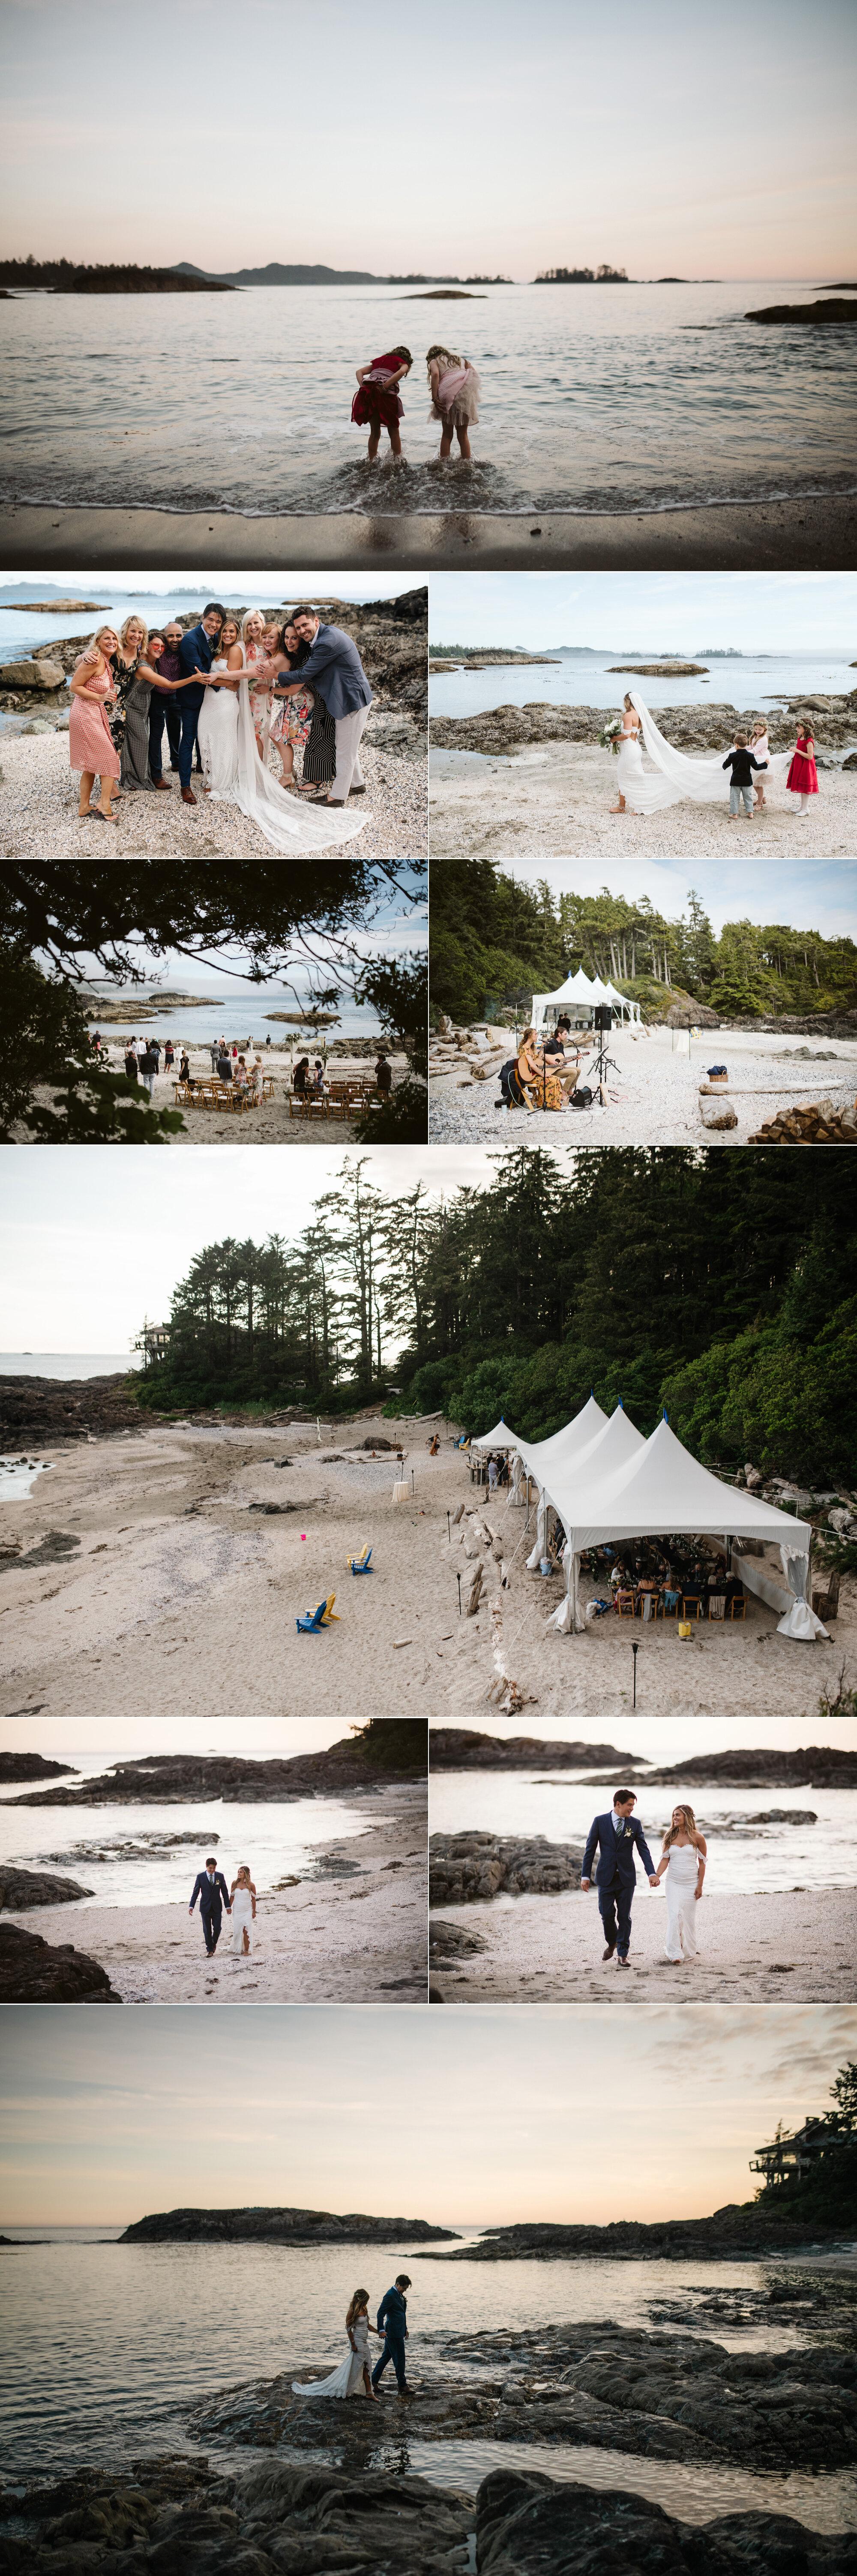 188金宝博线上平台西海岸的照片